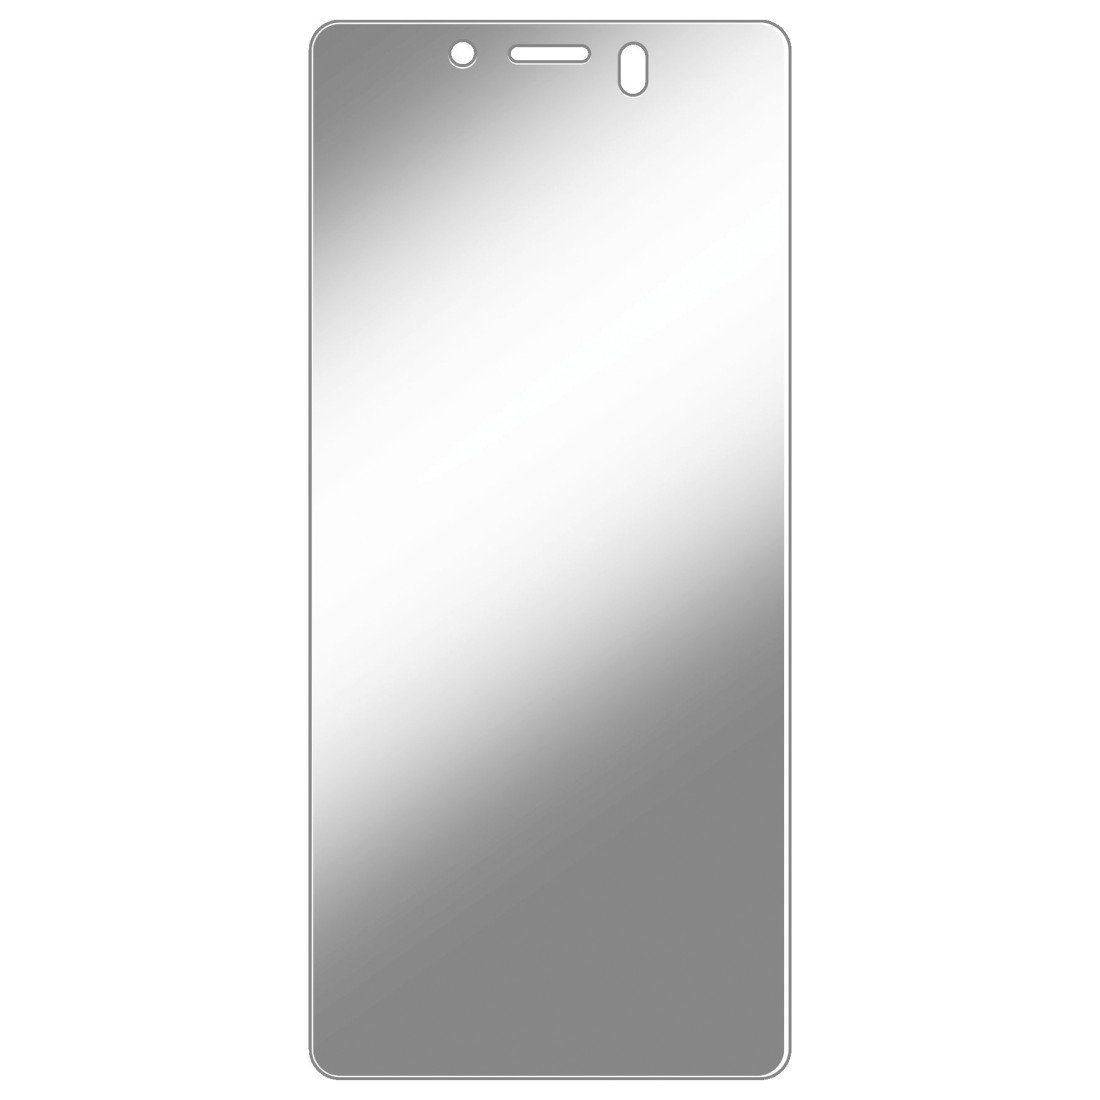 Hama Display-Schutzfolie Crystal Clear für ZTE Nubia Z11, 2 Stück